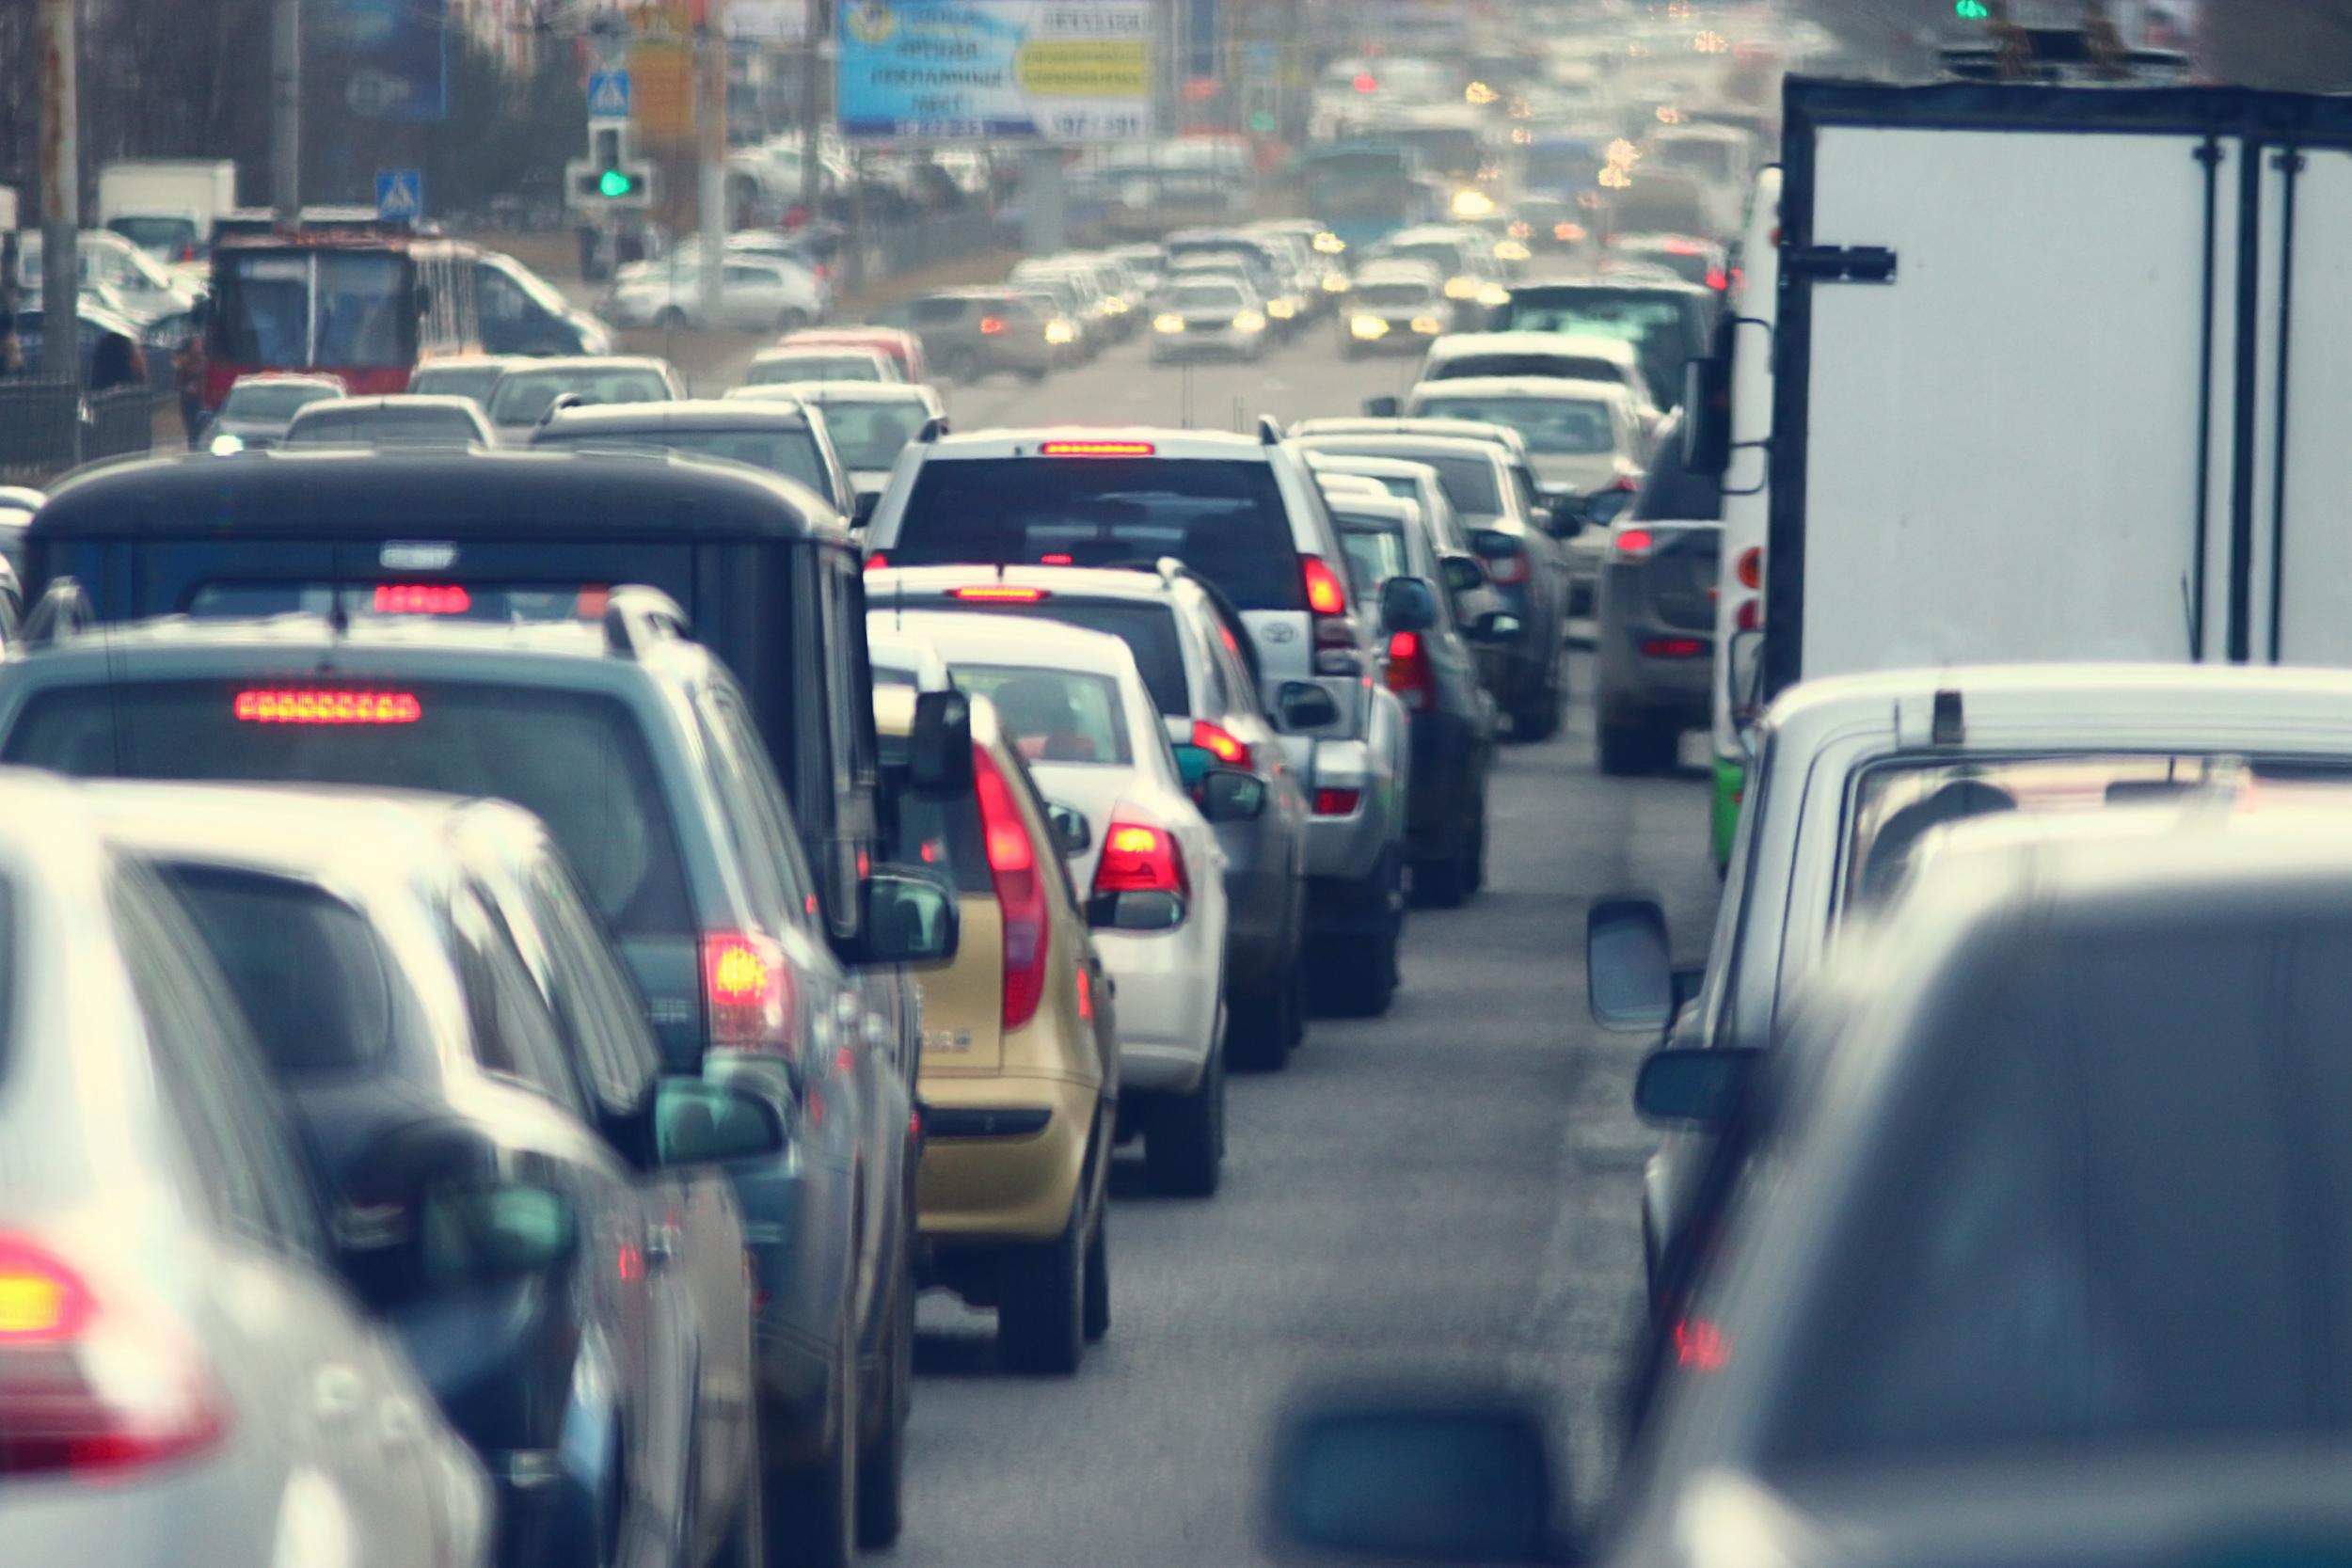 Pojazdów w Płocku jest już prawie tyle, ilu mieszkańców  - Zdjęcie główne